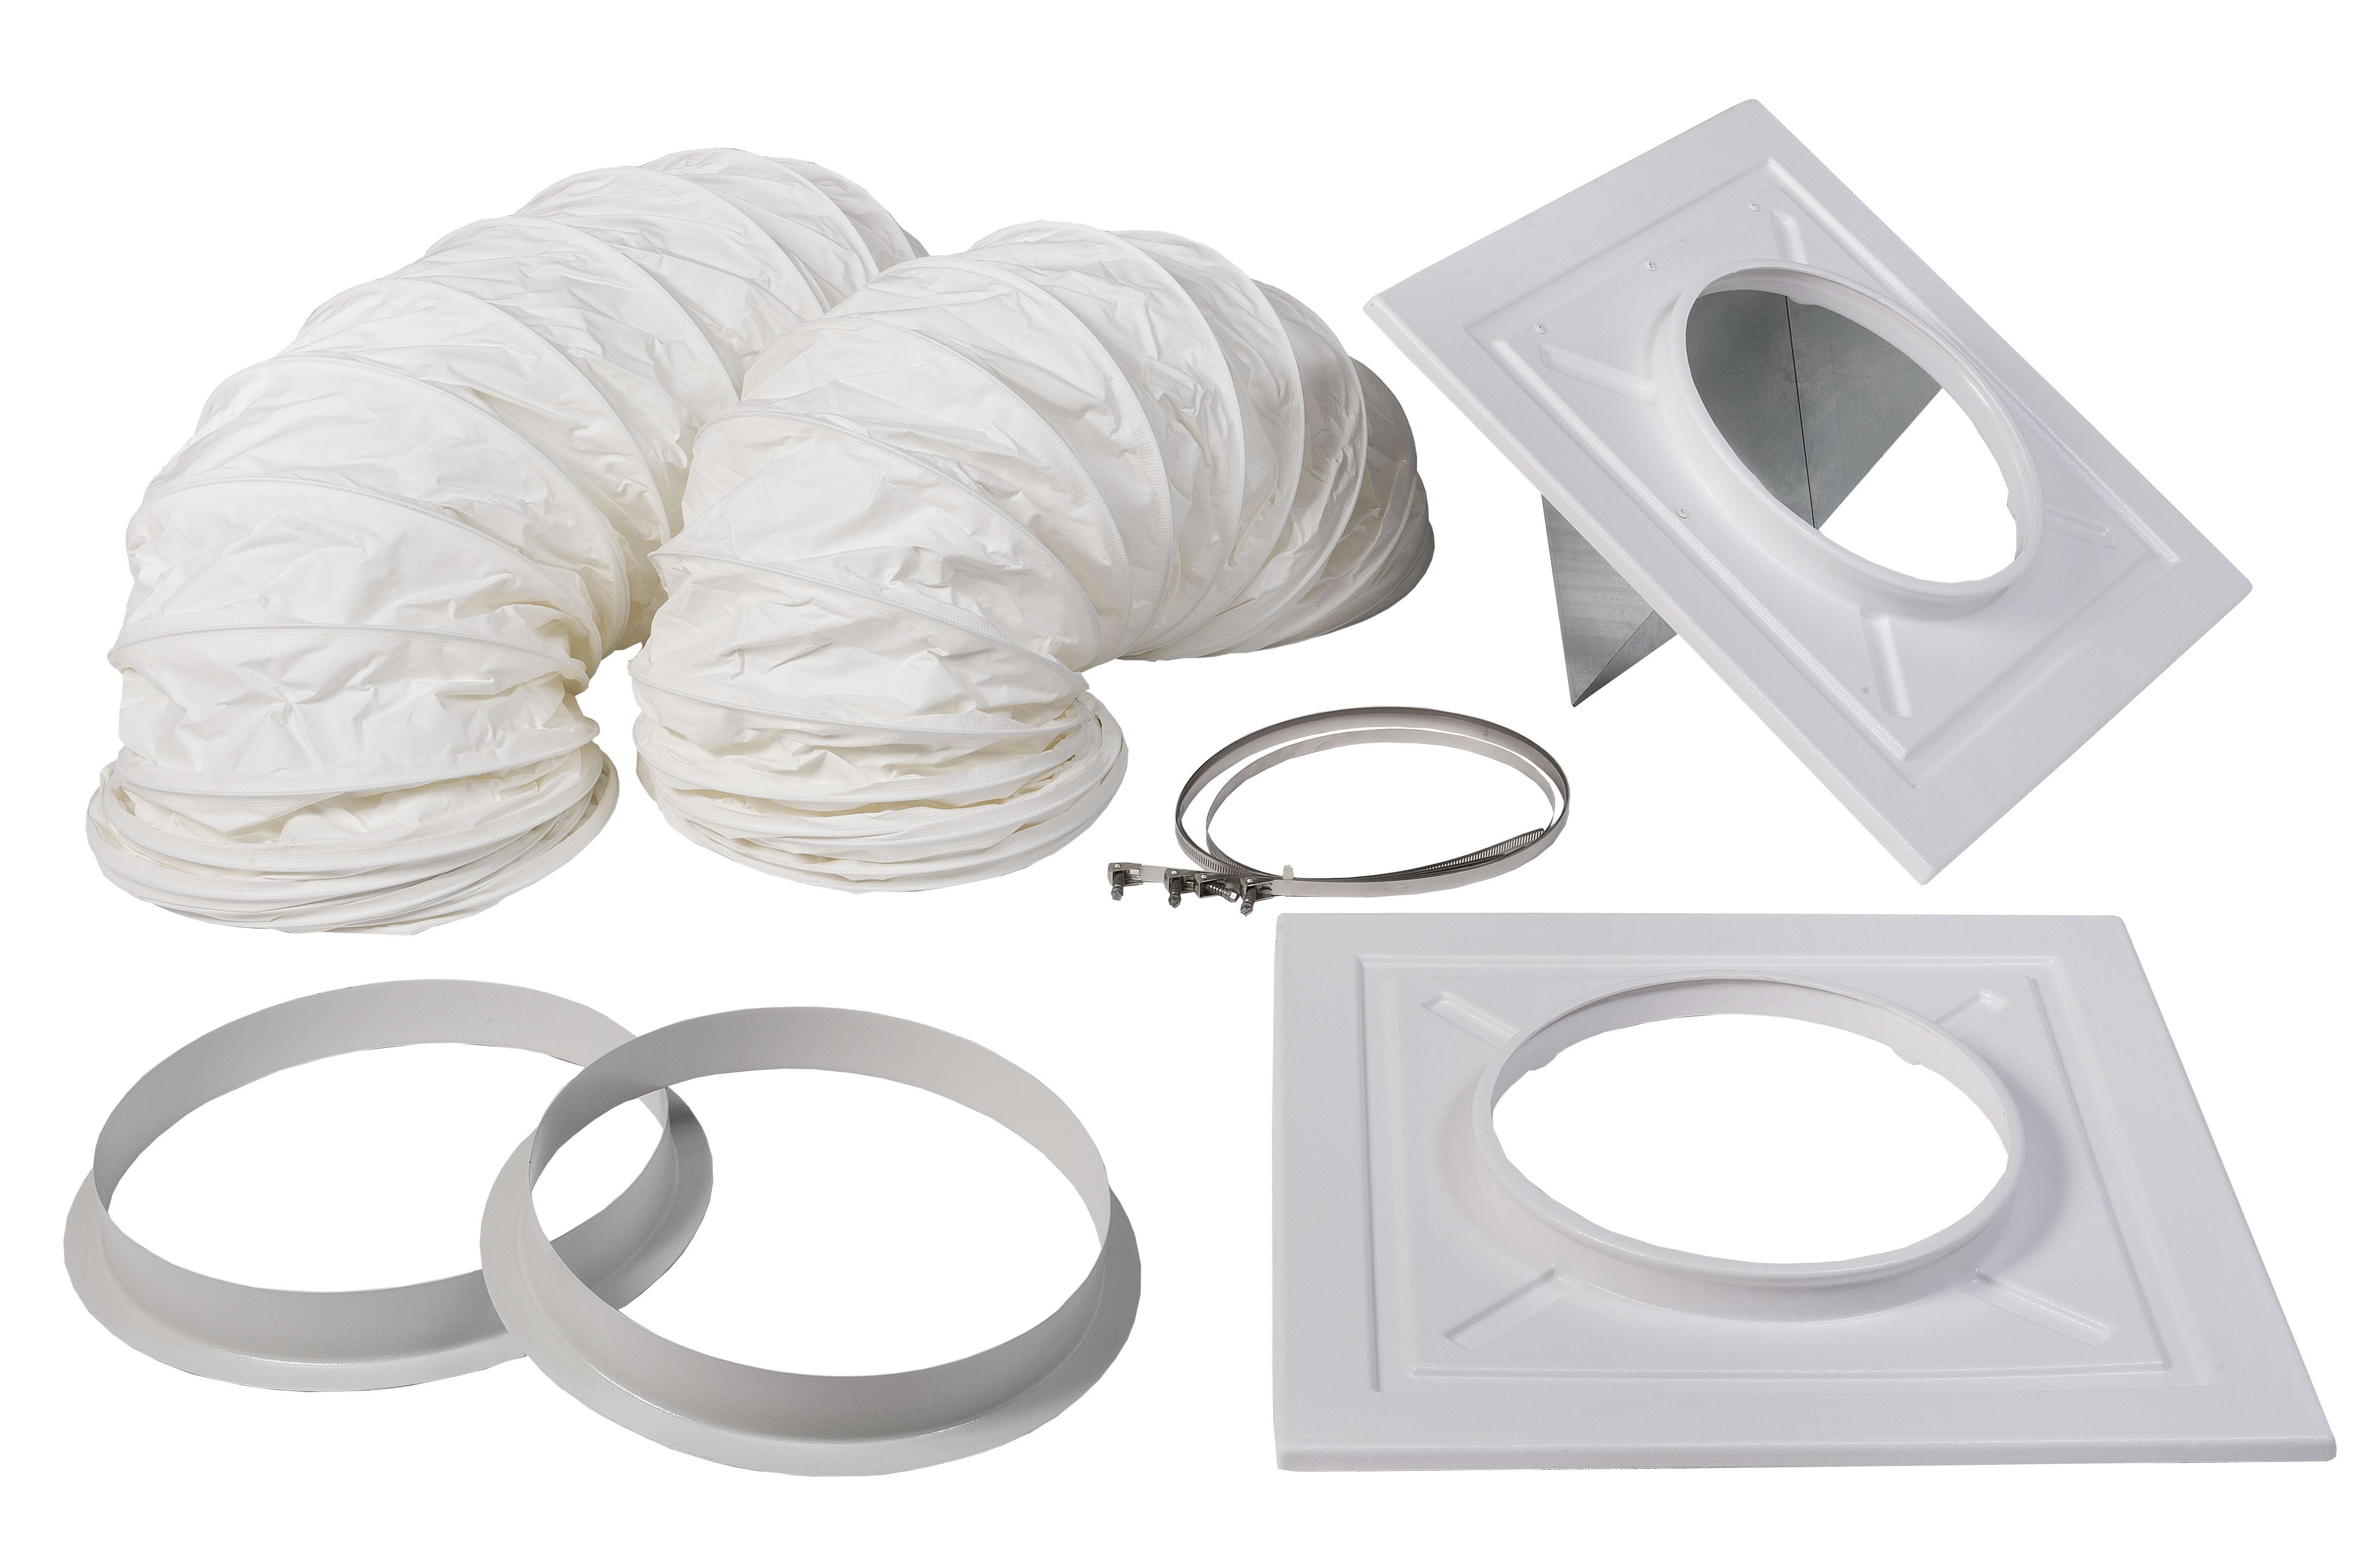 CK-24 Ceiling Kit Parts